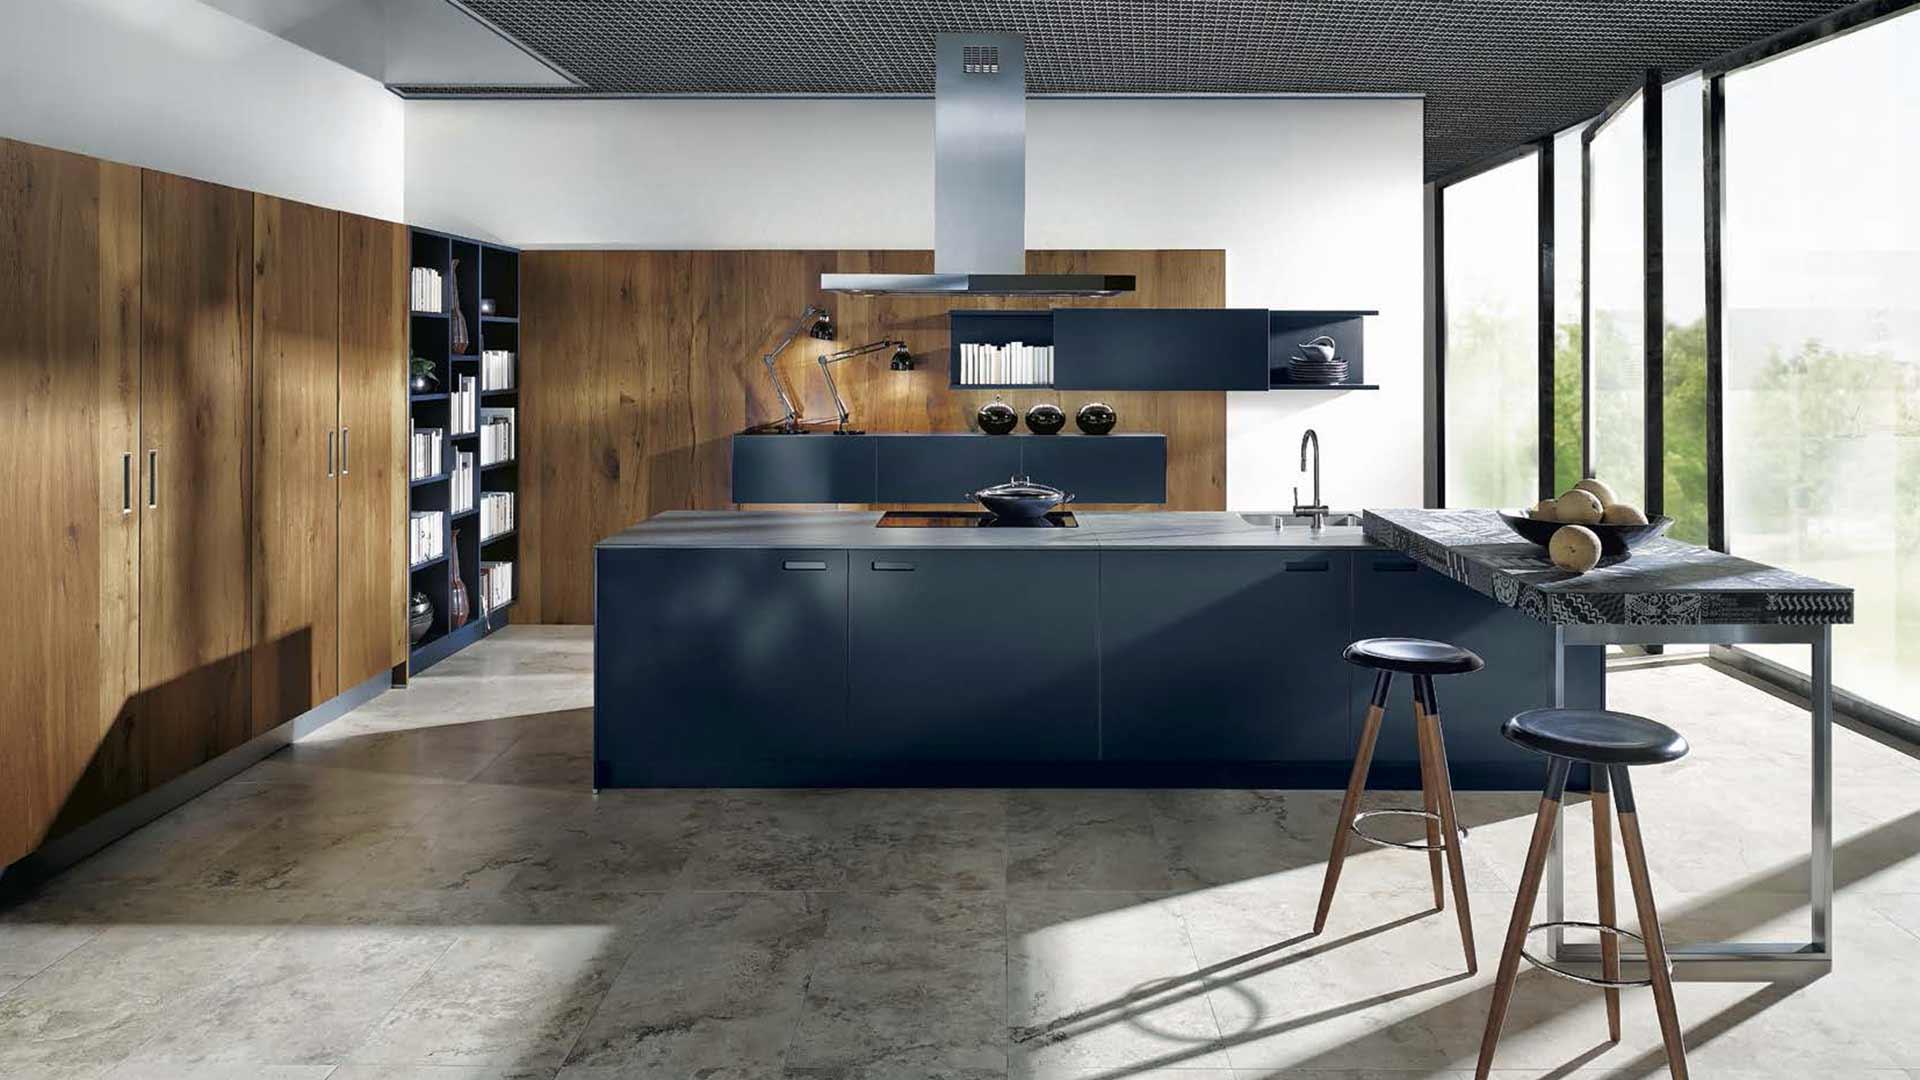 Einbauküchen design  Küchen Einbauküchen Design Küchen in Kelheim - Möbel Gassner ...